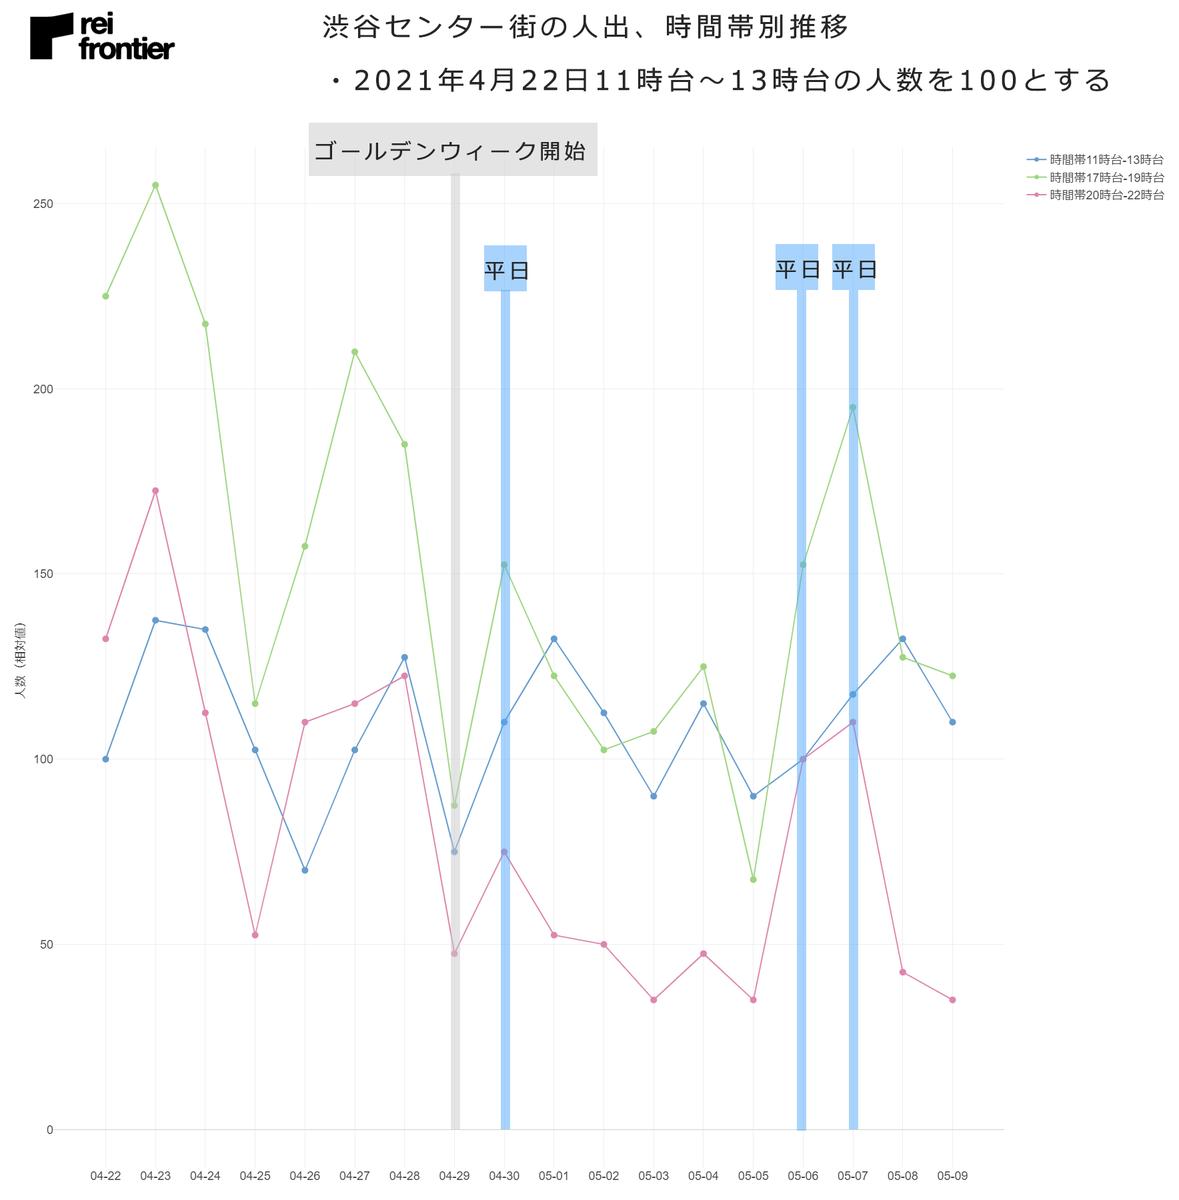 渋谷センター街の人出、時間帯別推移